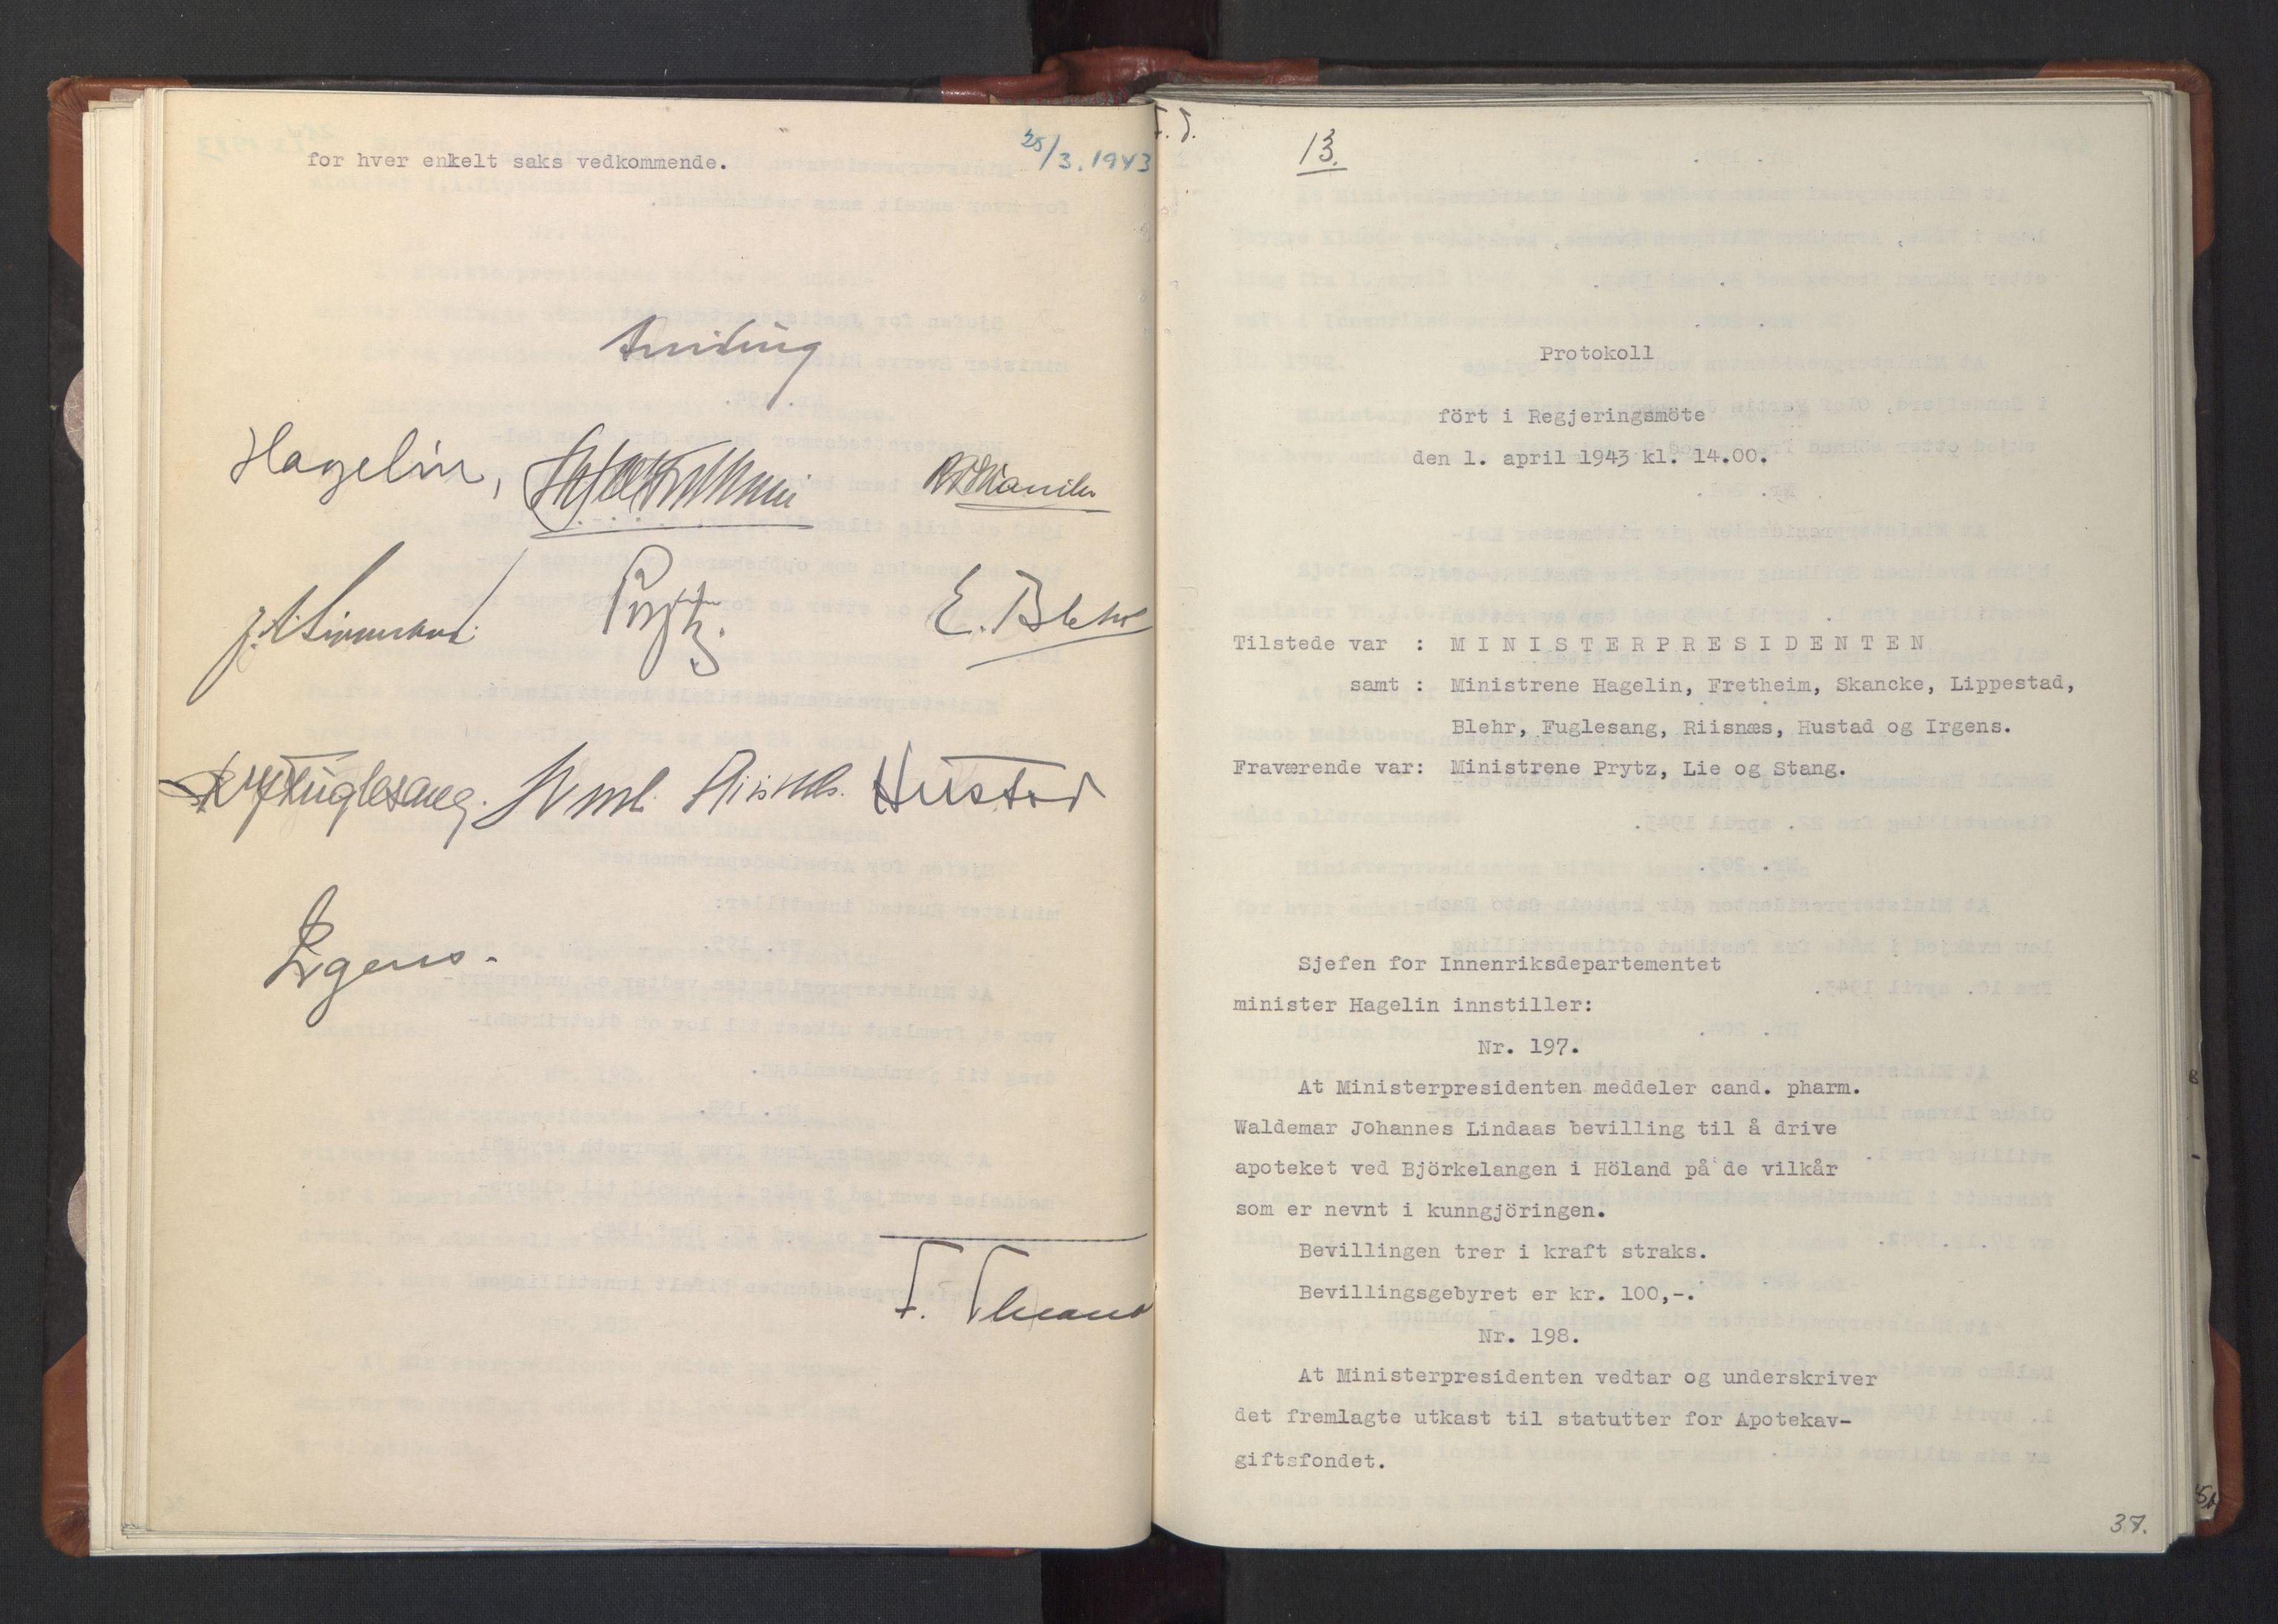 RA, NS-administrasjonen 1940-1945 (Statsrådsekretariatet, de kommisariske statsråder mm), D/Da/L0003: Vedtak (Beslutninger) nr. 1-746 og tillegg nr. 1-47 (RA. j.nr. 1394/1944, tilgangsnr. 8/1944, 1943, s. 36b-37a